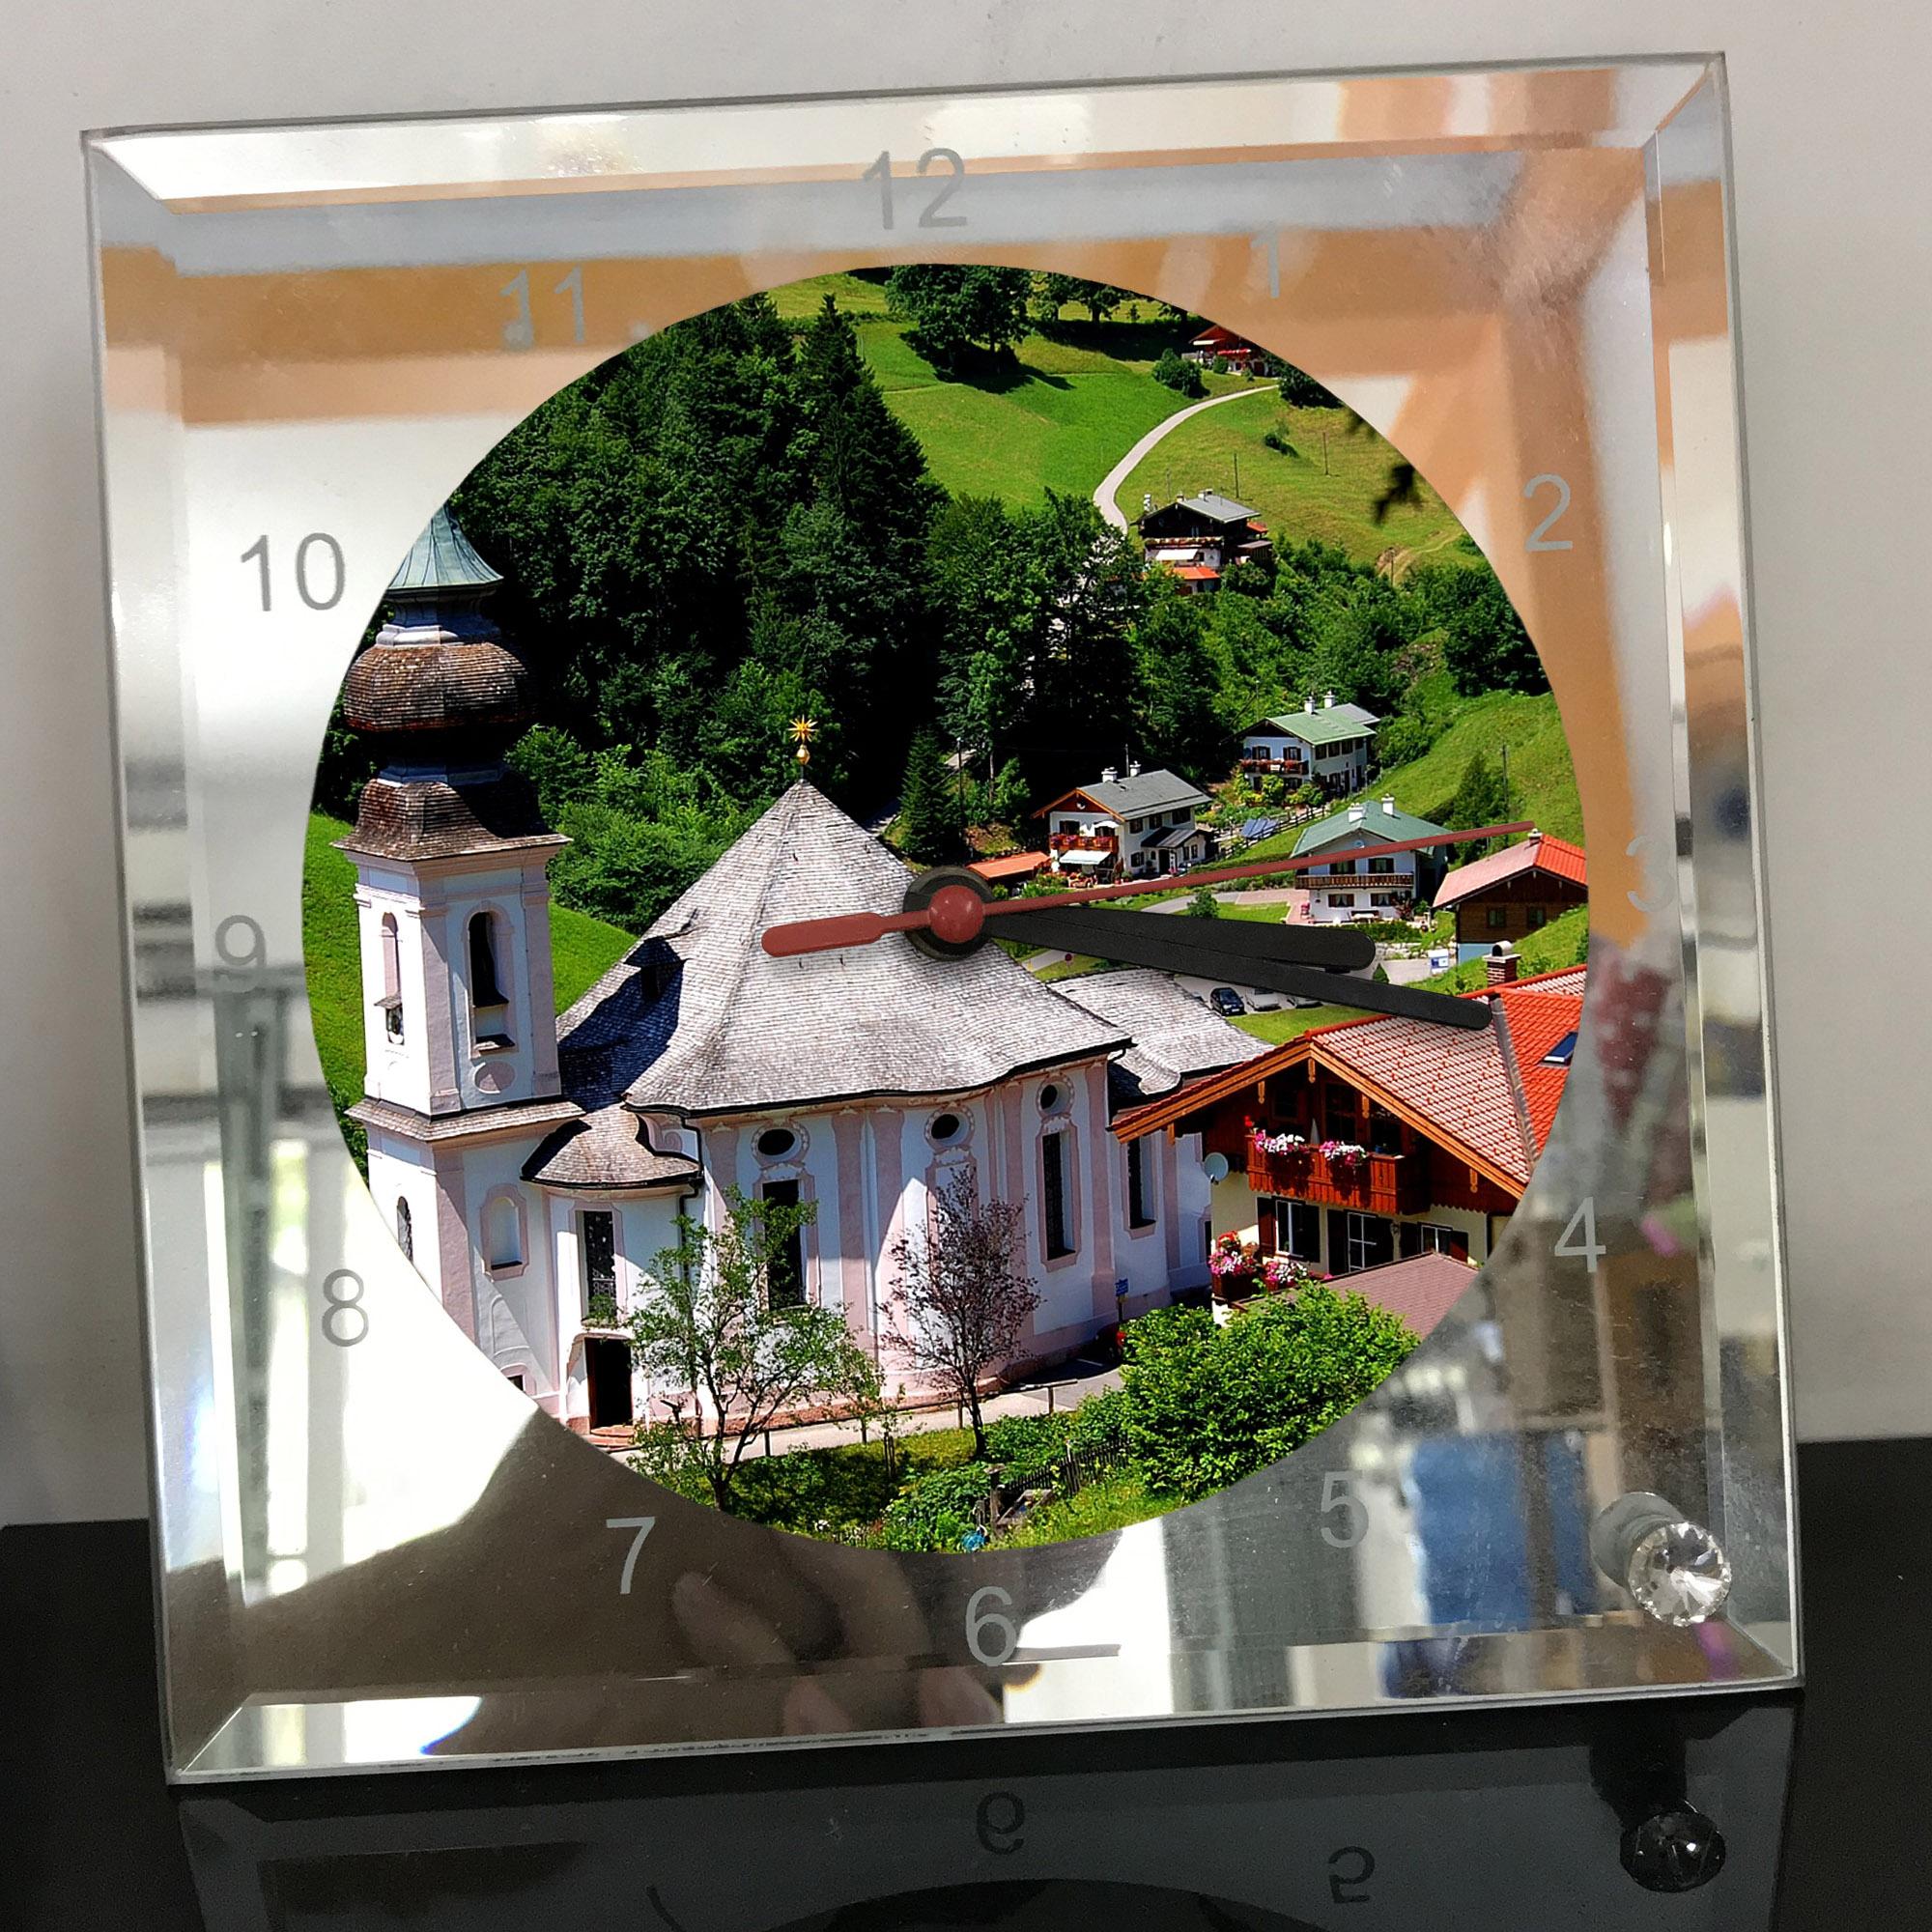 Đồng hồ thủy tinh vuông 20x20 in hình Church - nhà thờ (232) . Đồng hồ thủy tinh để bàn trang trí đẹp chủ đề tôn giáo